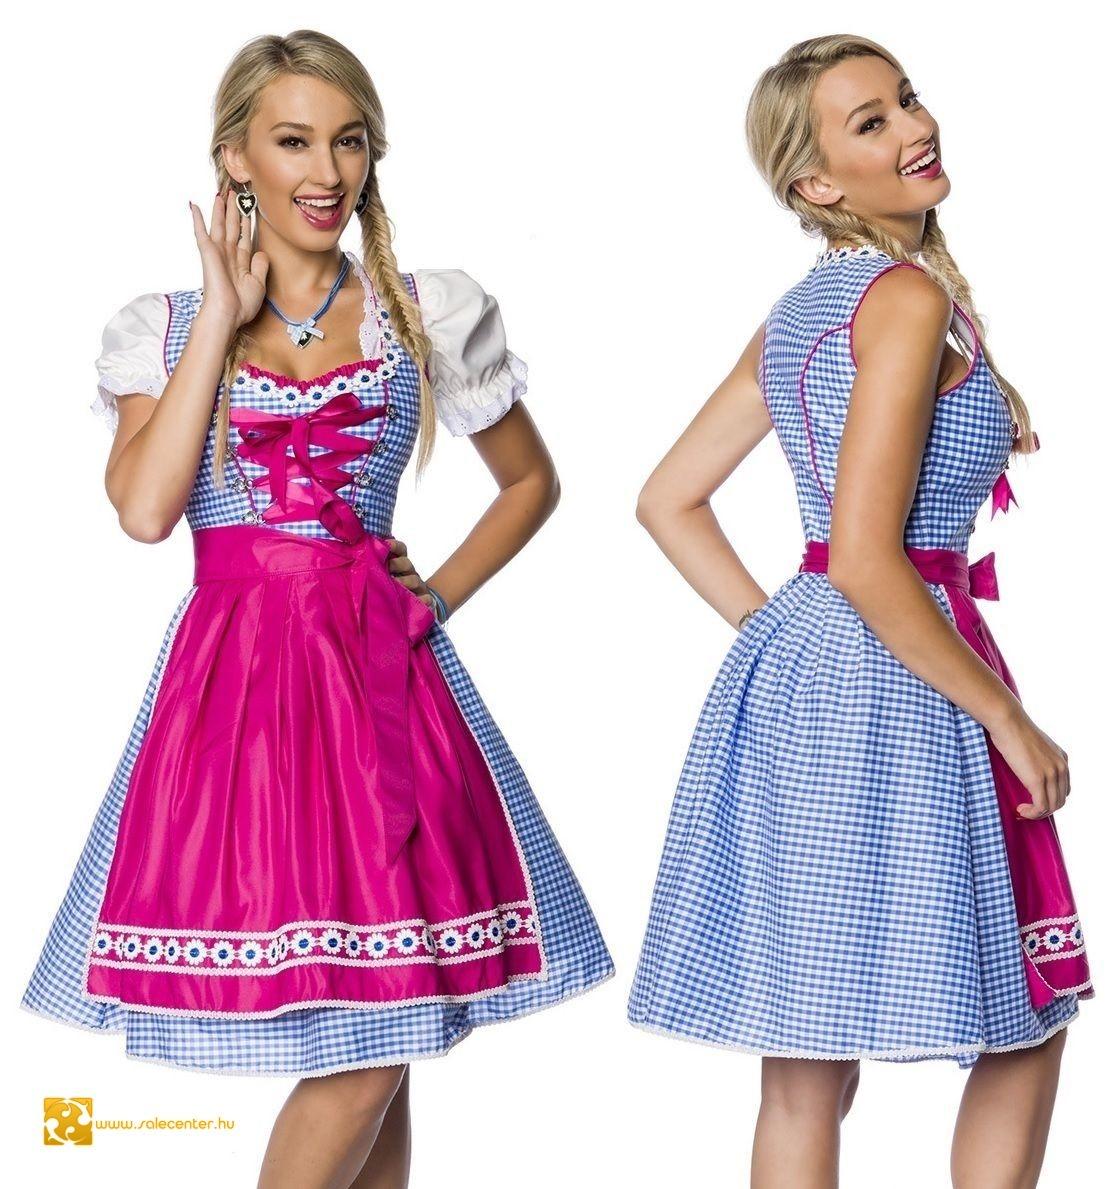 2240ba829a Kockás bajor ruha (XS,S,M,L,XL,2XL,3XL) jelmez kosztüm dirndl ruha ...